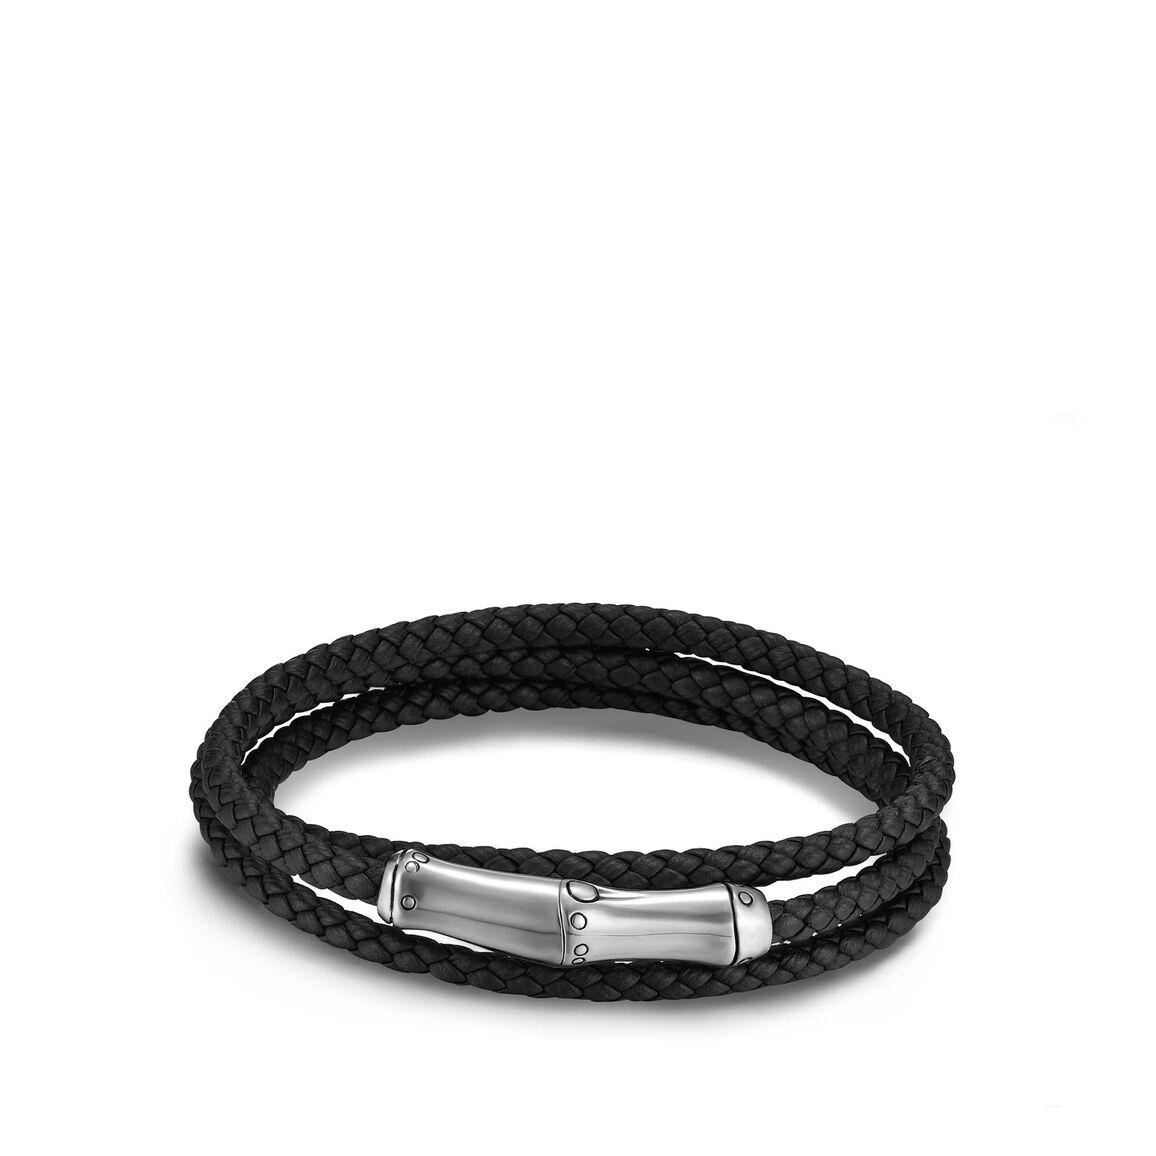 Bamboo Wrap Bracelet In Silver